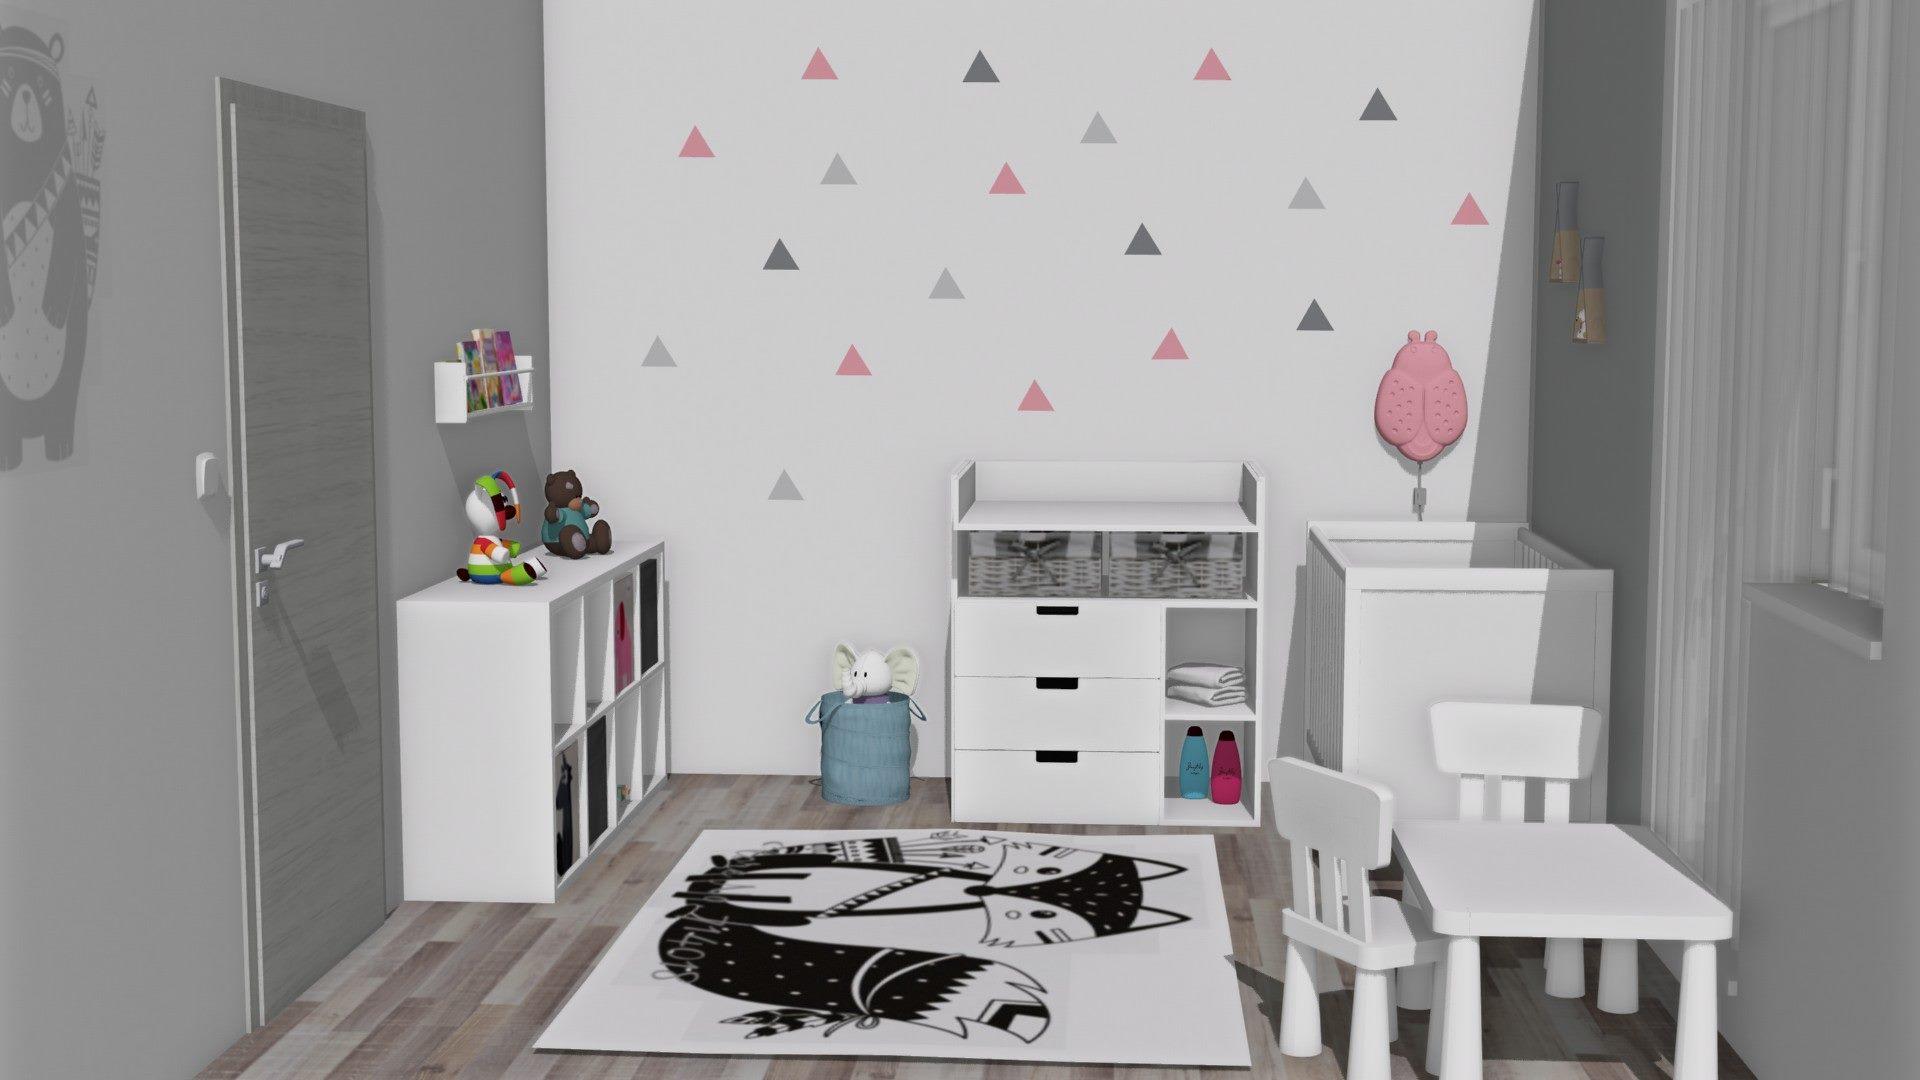 Dětský pokoj pro batole s trojúhelníky